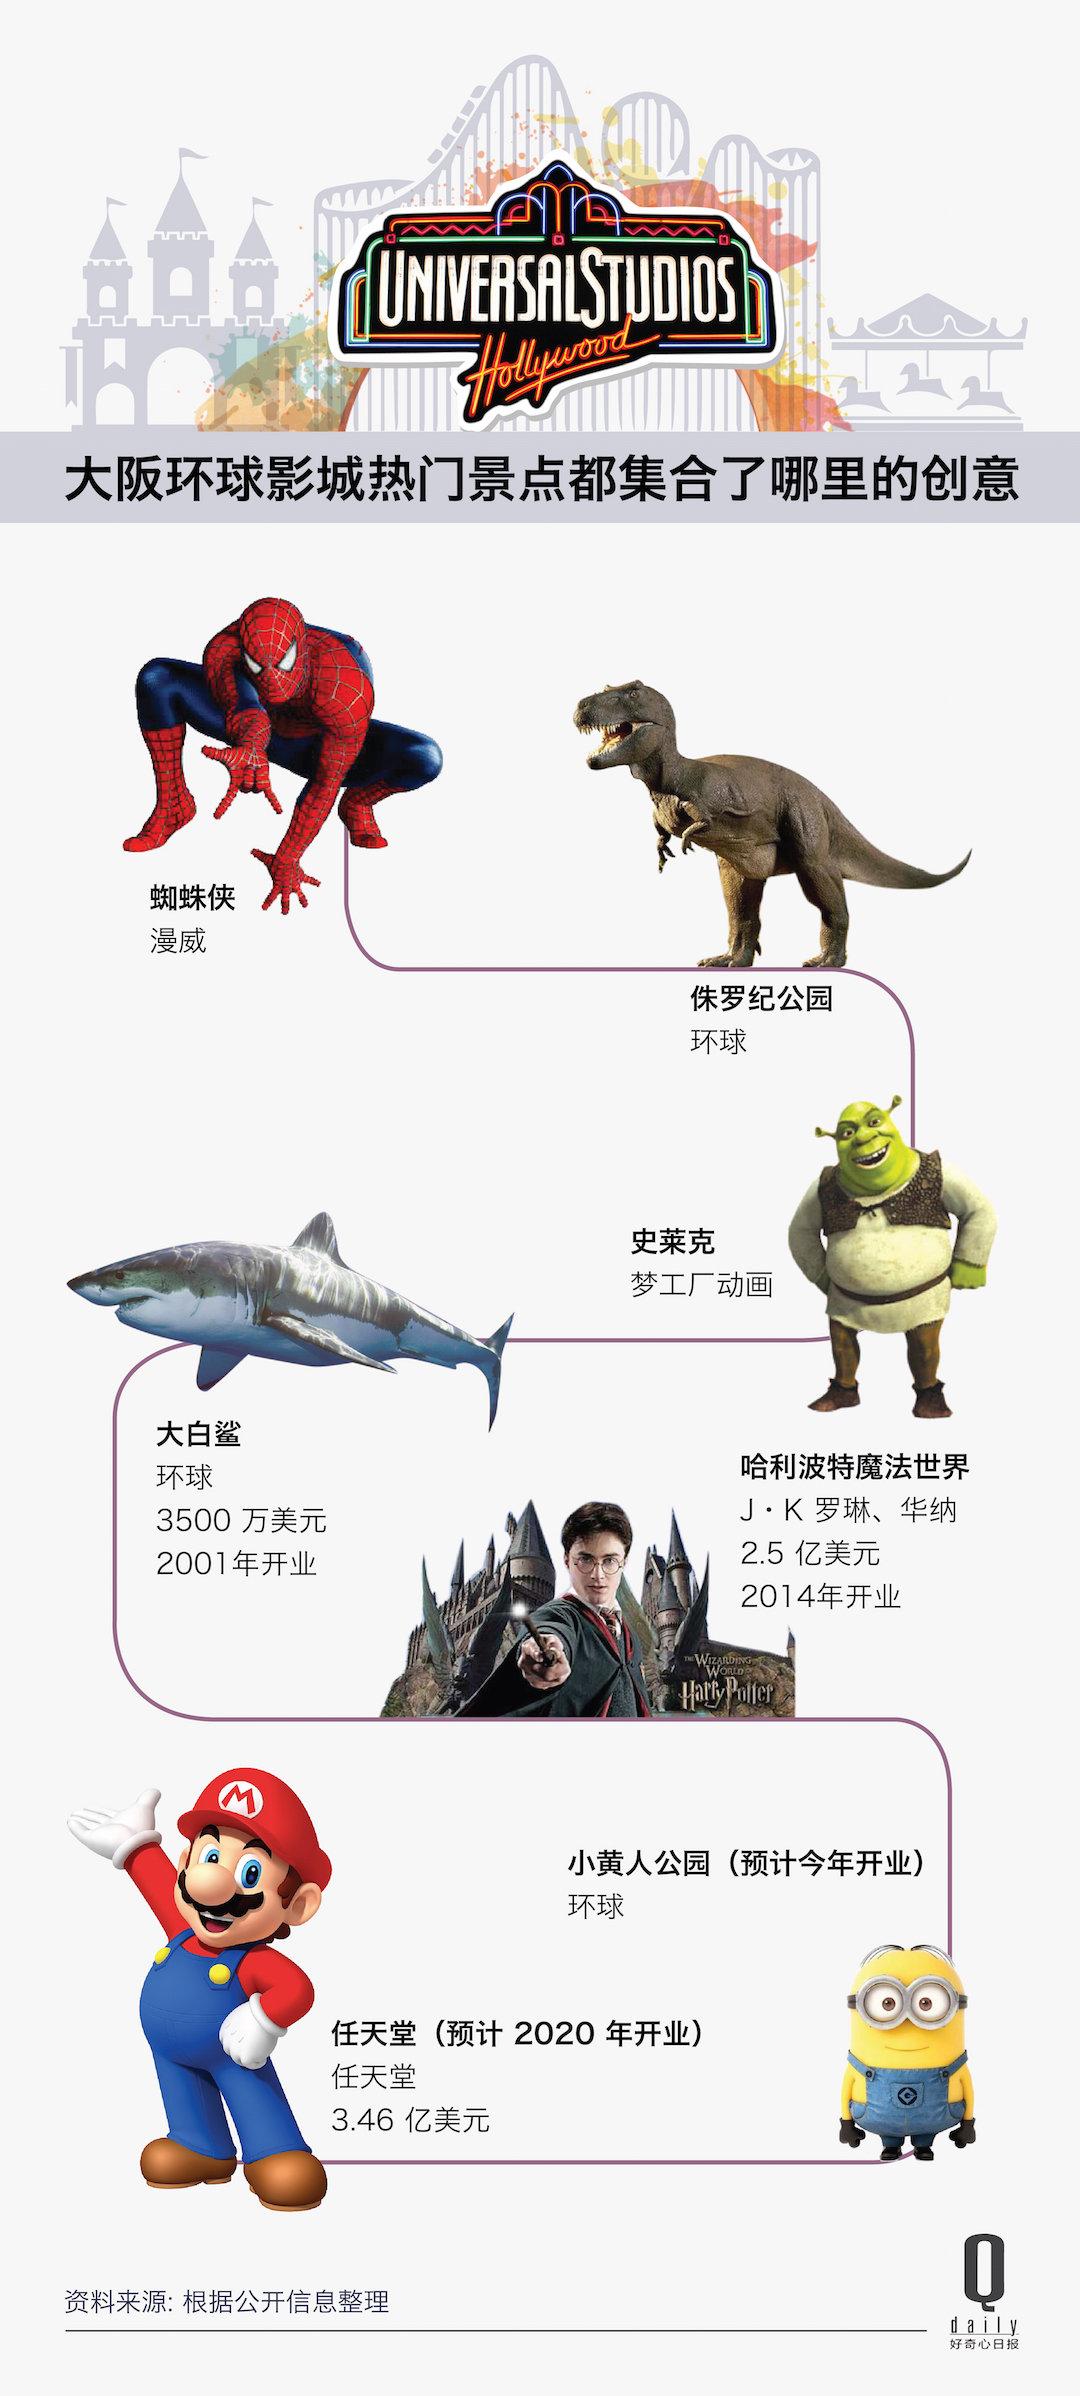 环球影业从日本人那里买回了大阪环球影城,7 张图告诉你他们为什么要这么做_娱乐_好奇心日报